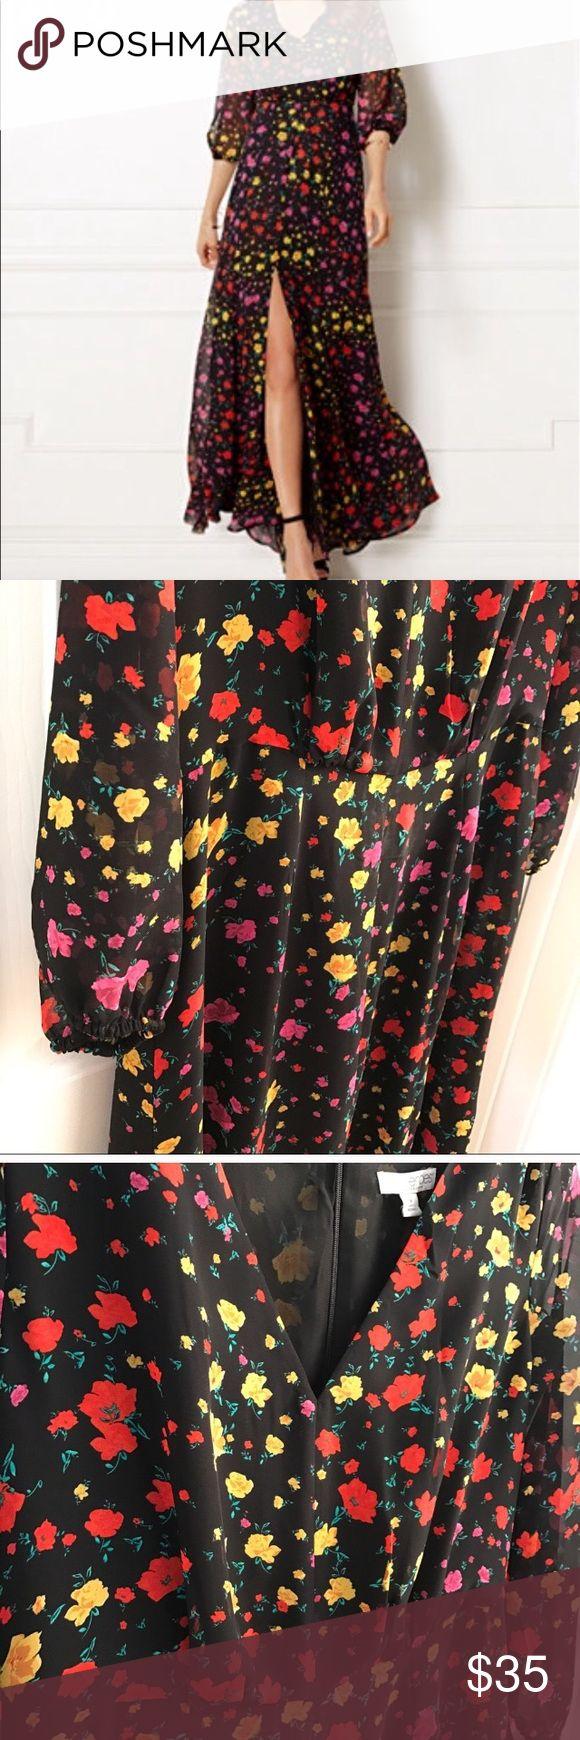 Maxi dress Eva Mendes Maxi Dress Eva Mendes collection. Floral Dresses Maxi